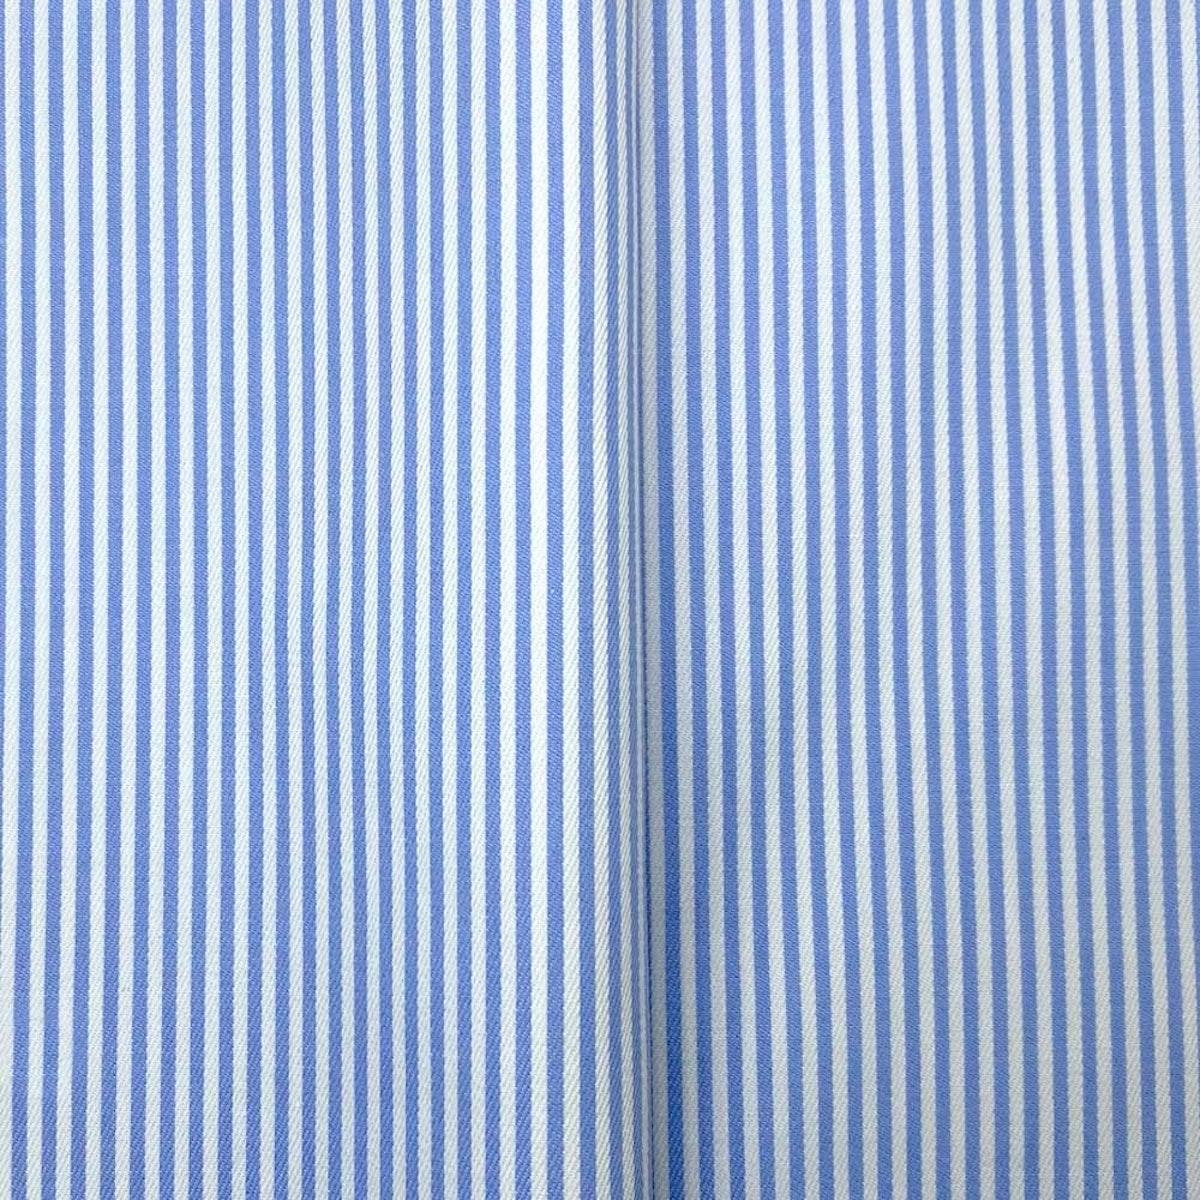 InStitchu Shirt Fabric 97